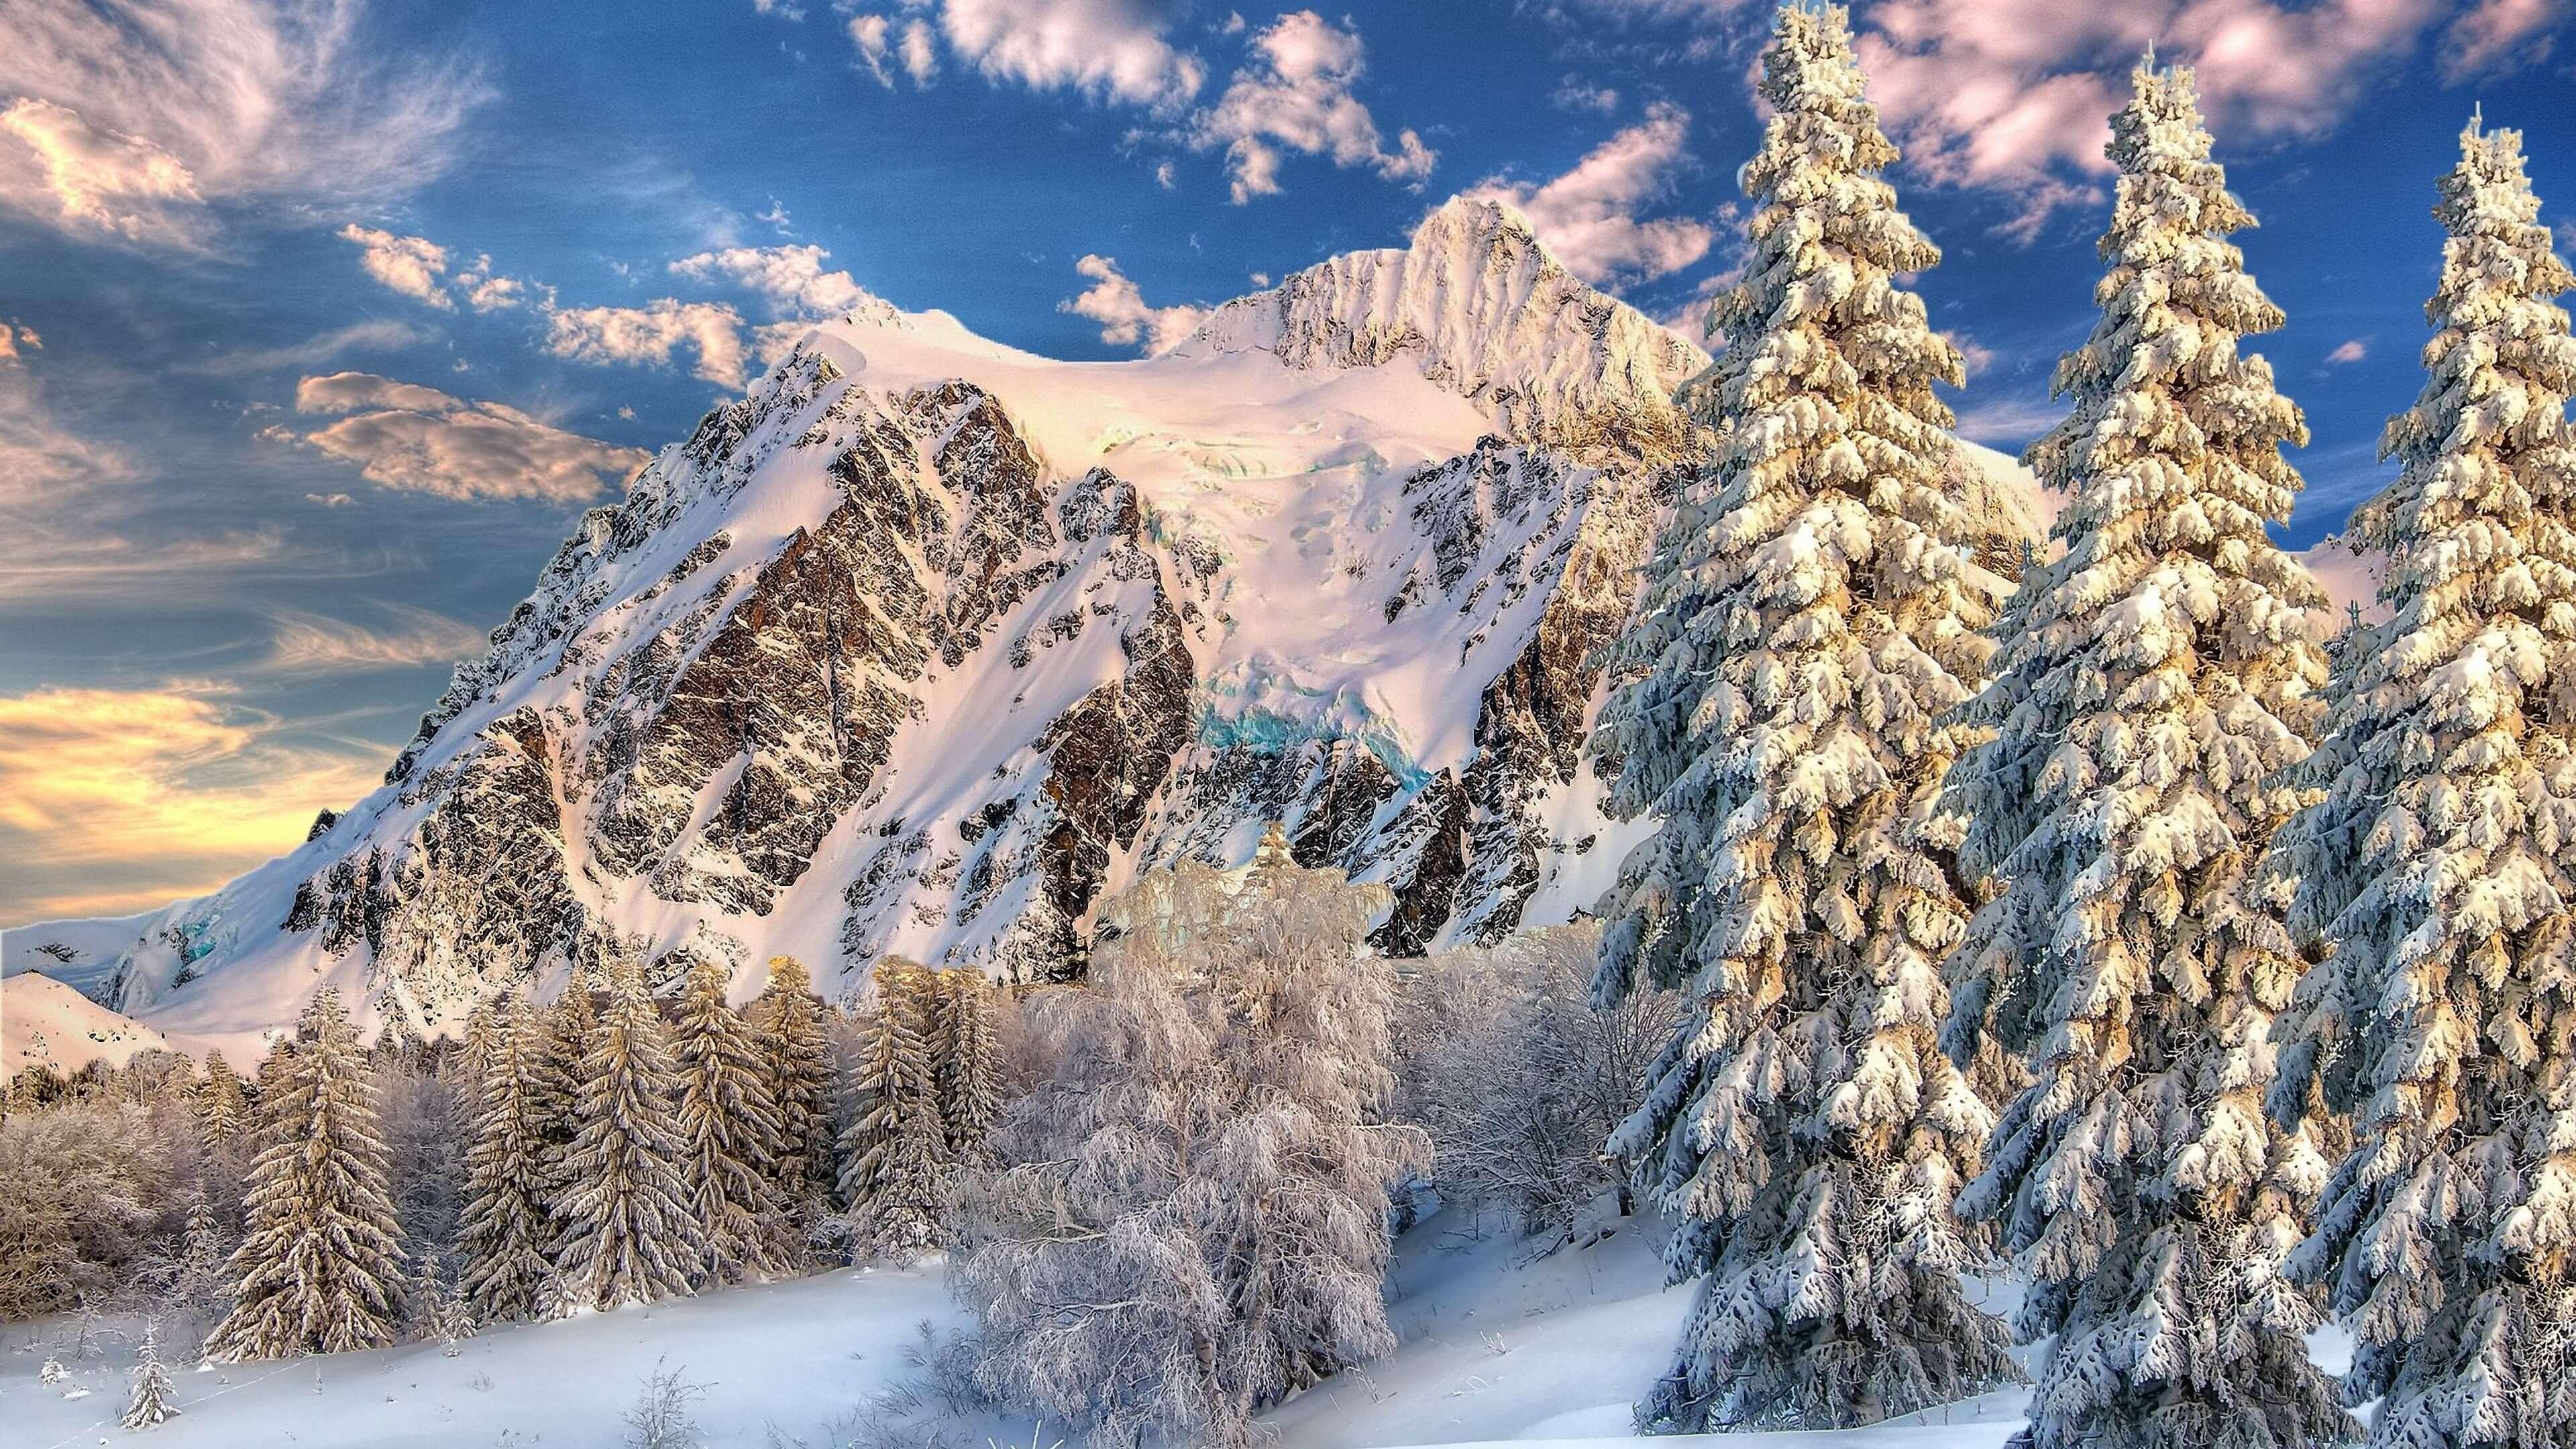 Красивые зимние картинки, пейзажи природы - подборка 25 штук 14